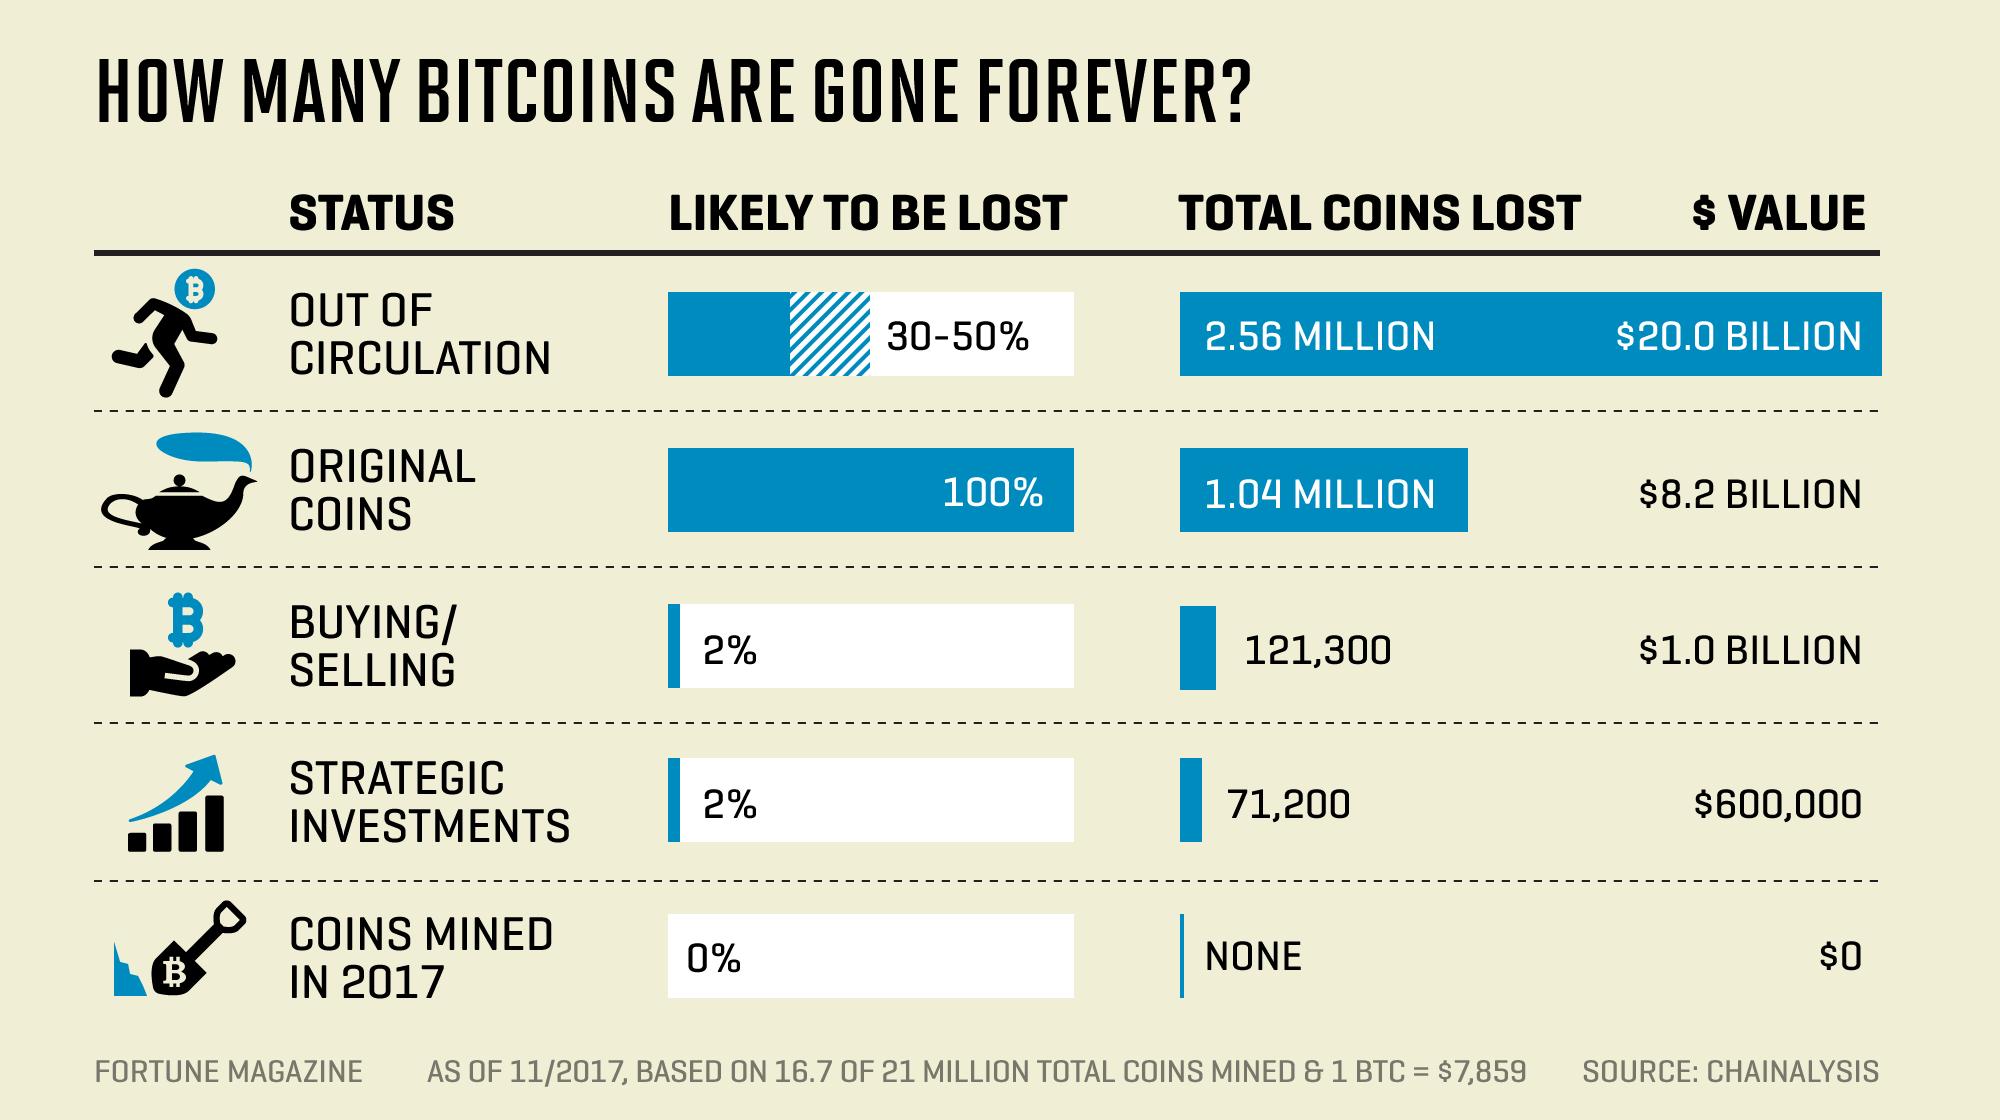 ¡Satoshi no necesitará sus Bitcoins! ¿Deberíamos tratar de recuperar Bitcoins perdidos?